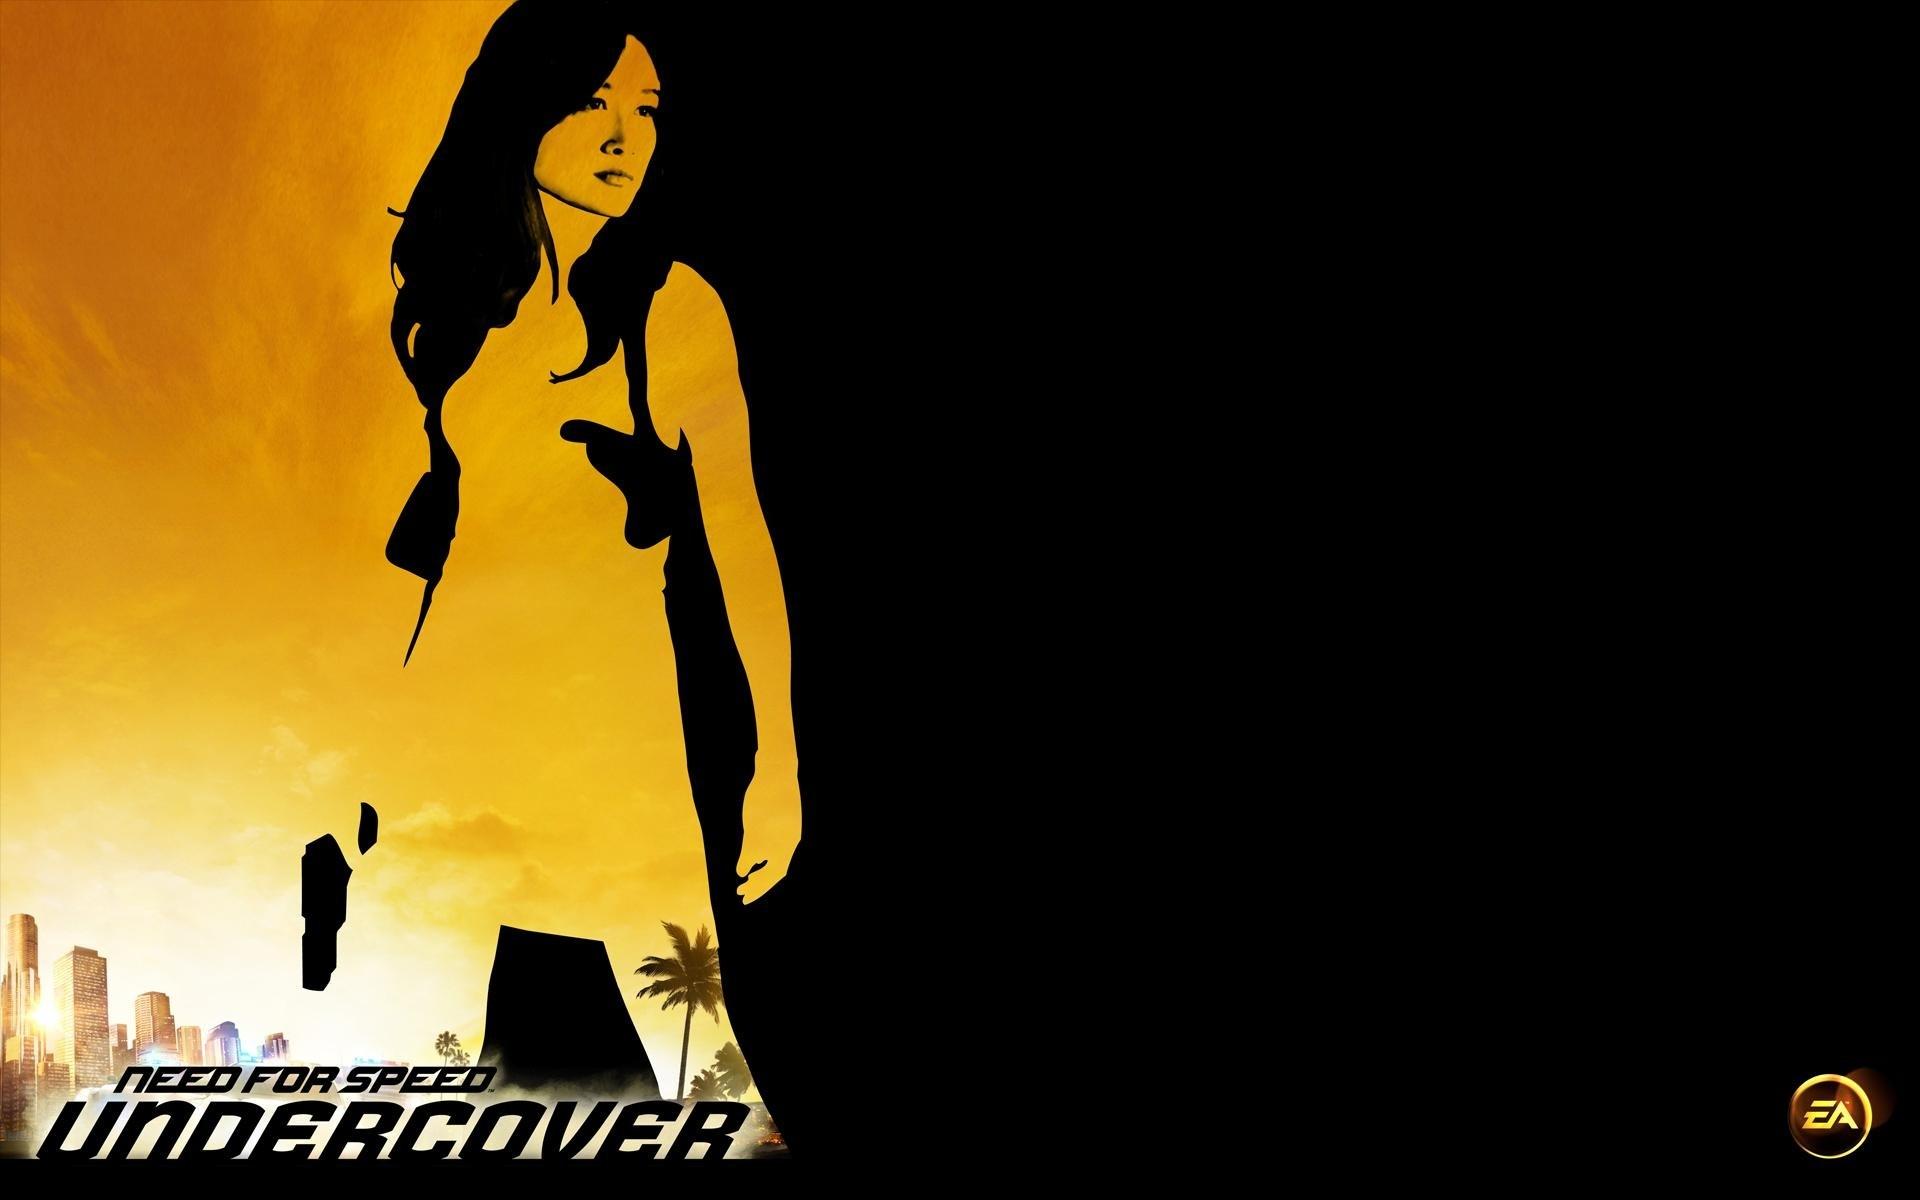 NFS Undercover girl Wallpaper NFS Undercover Games